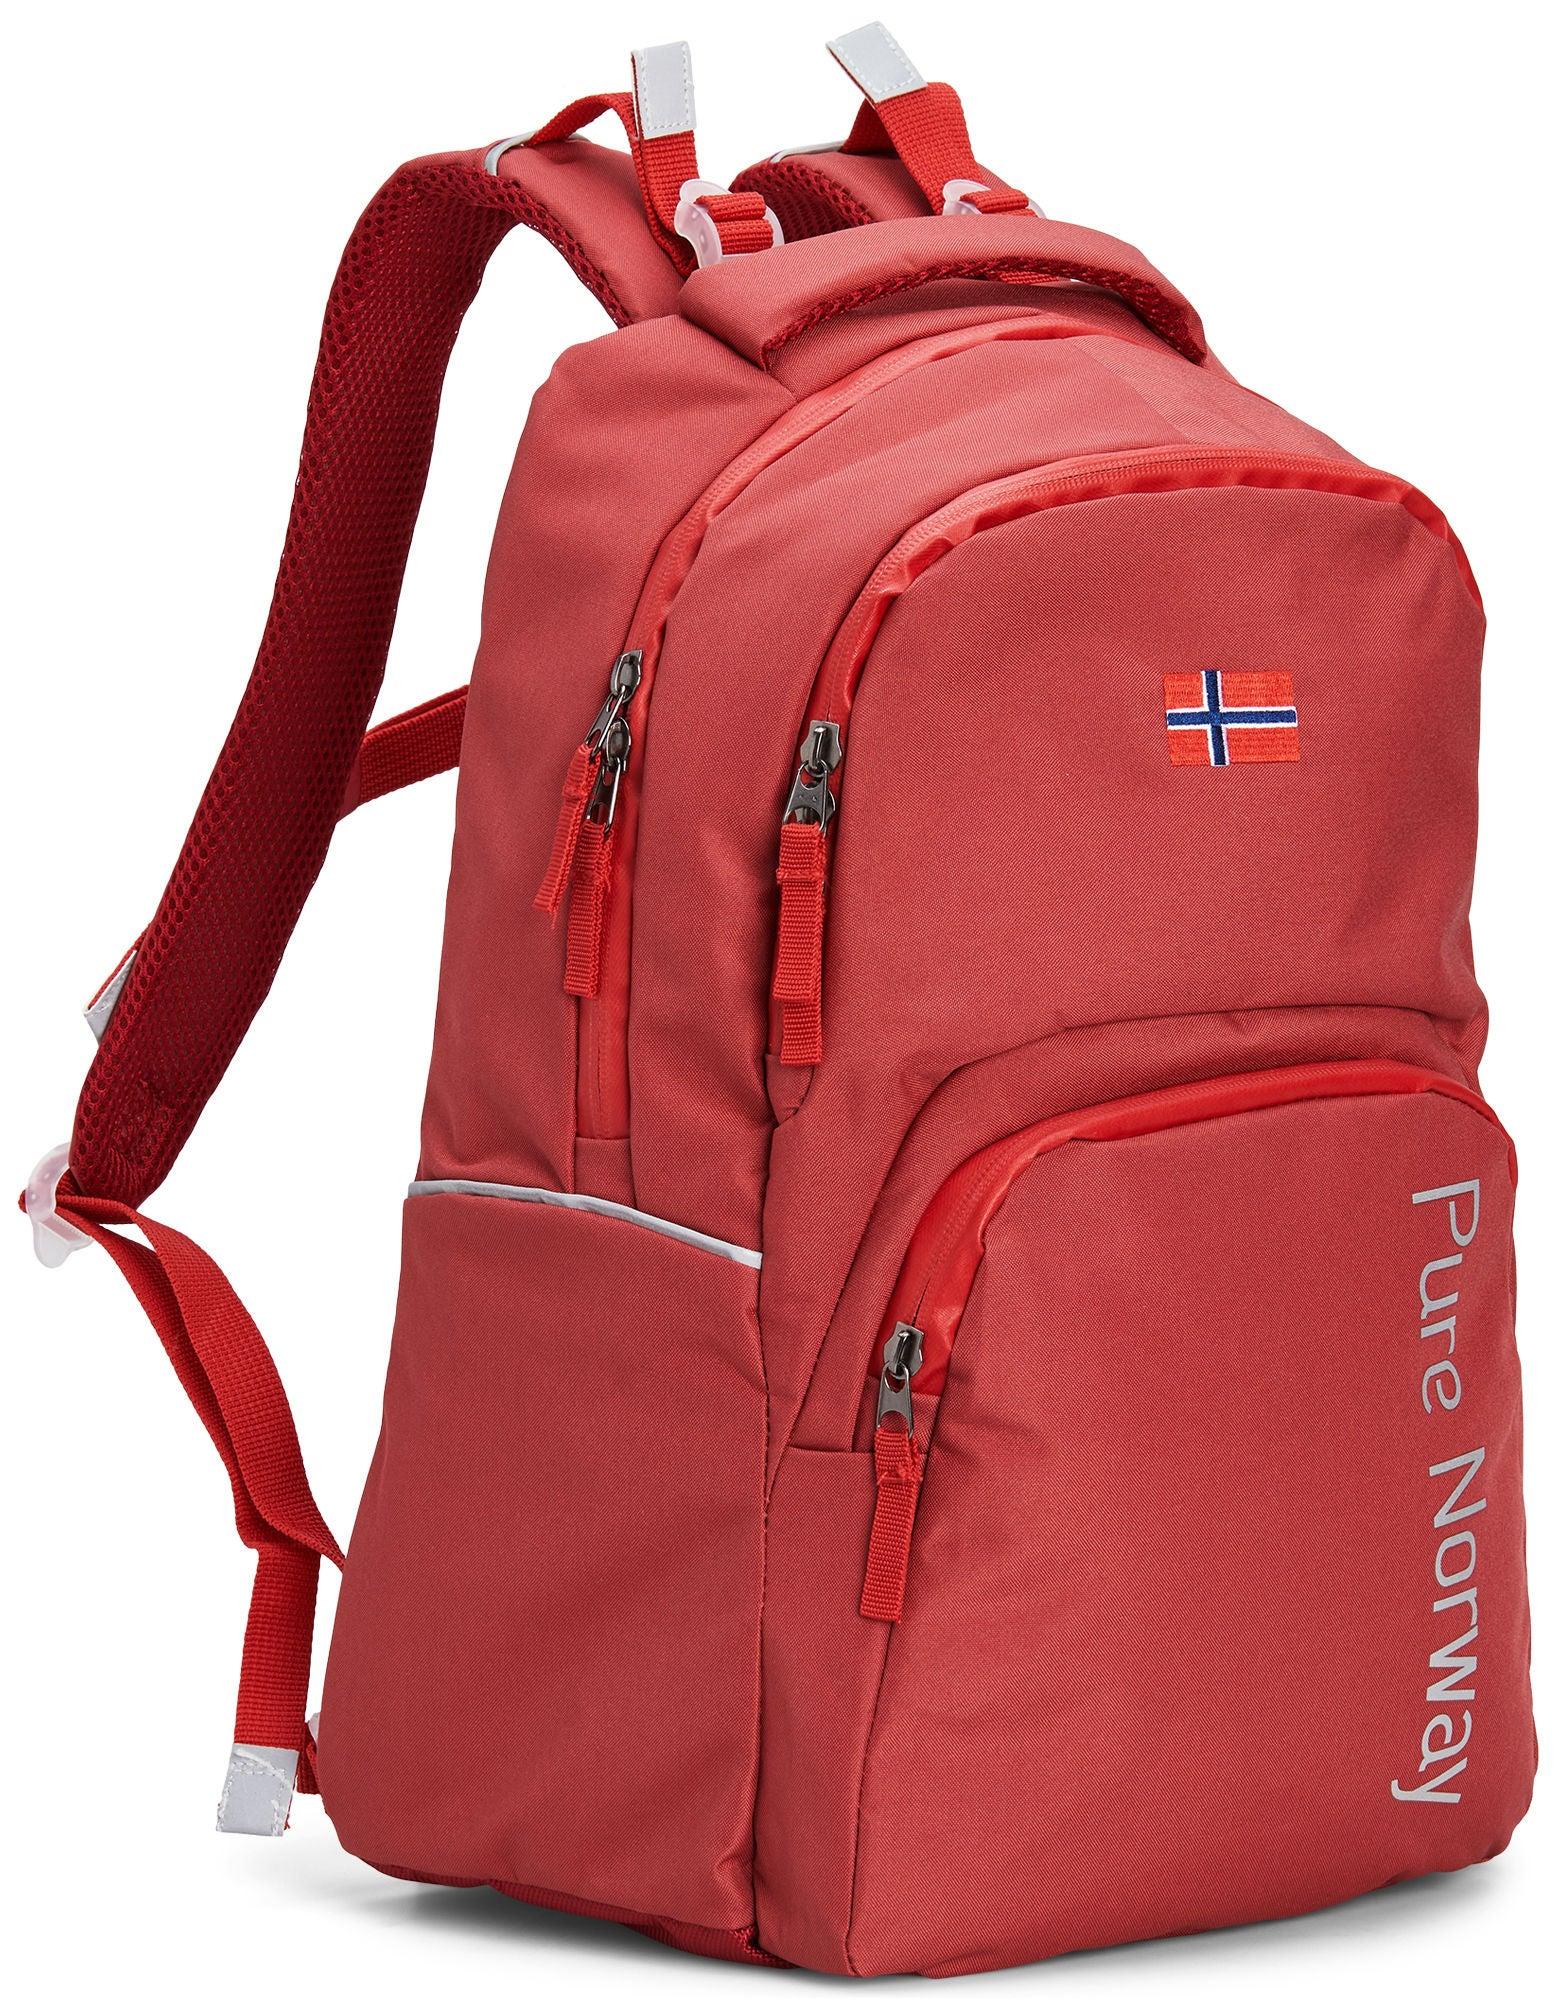 Pure Norway Free Waterproof Ryggsäck, Röd